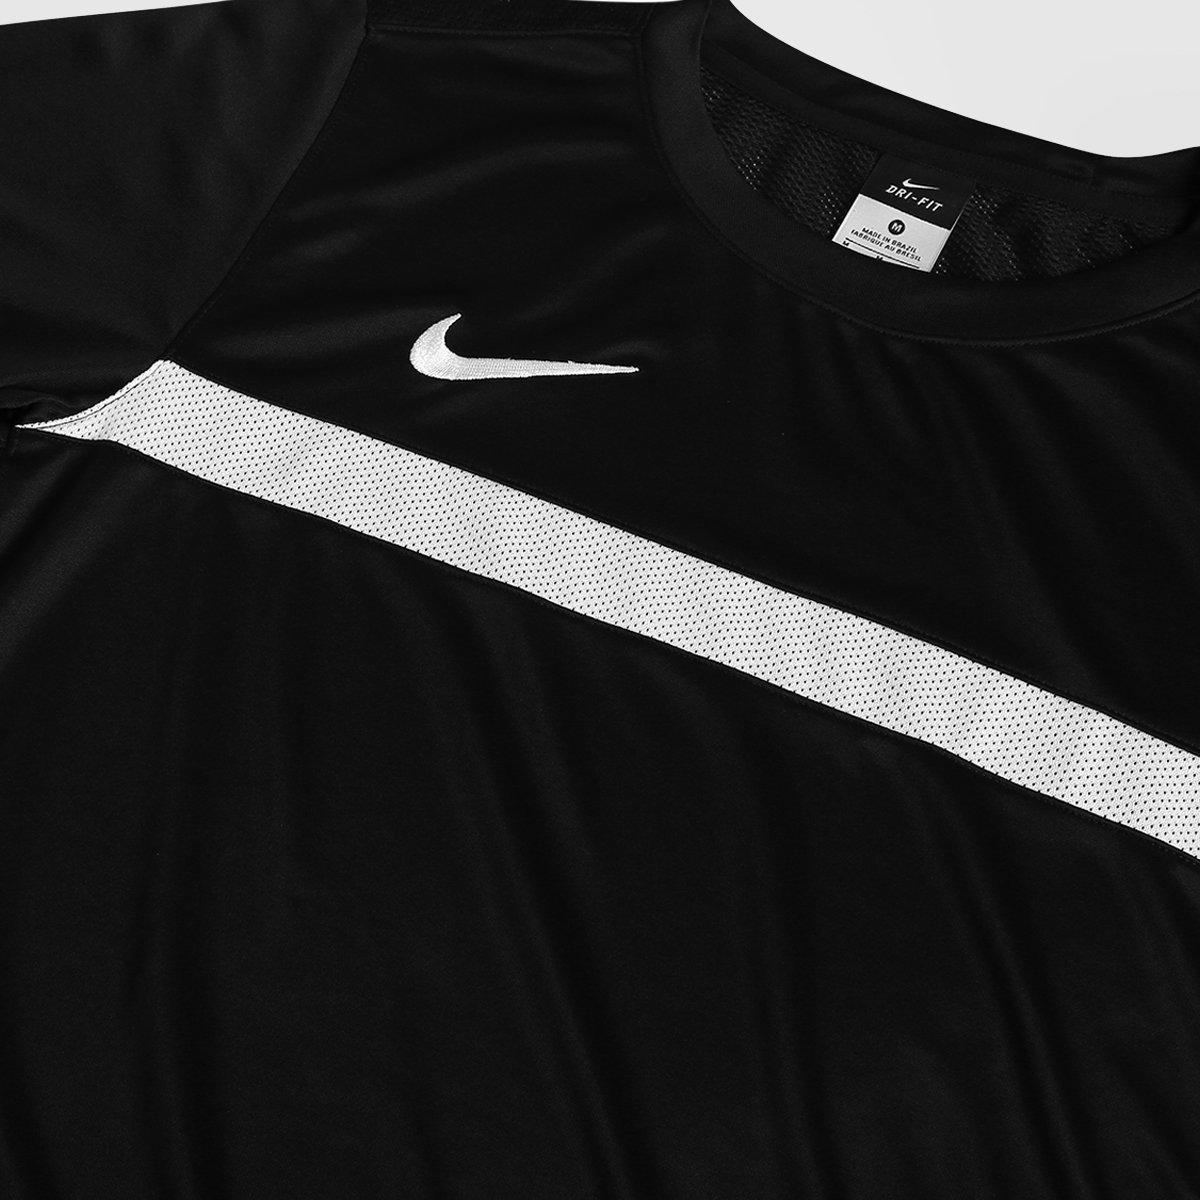 Camisa Nike Academy Training 1 - Compre Agora  adb2924880ecf